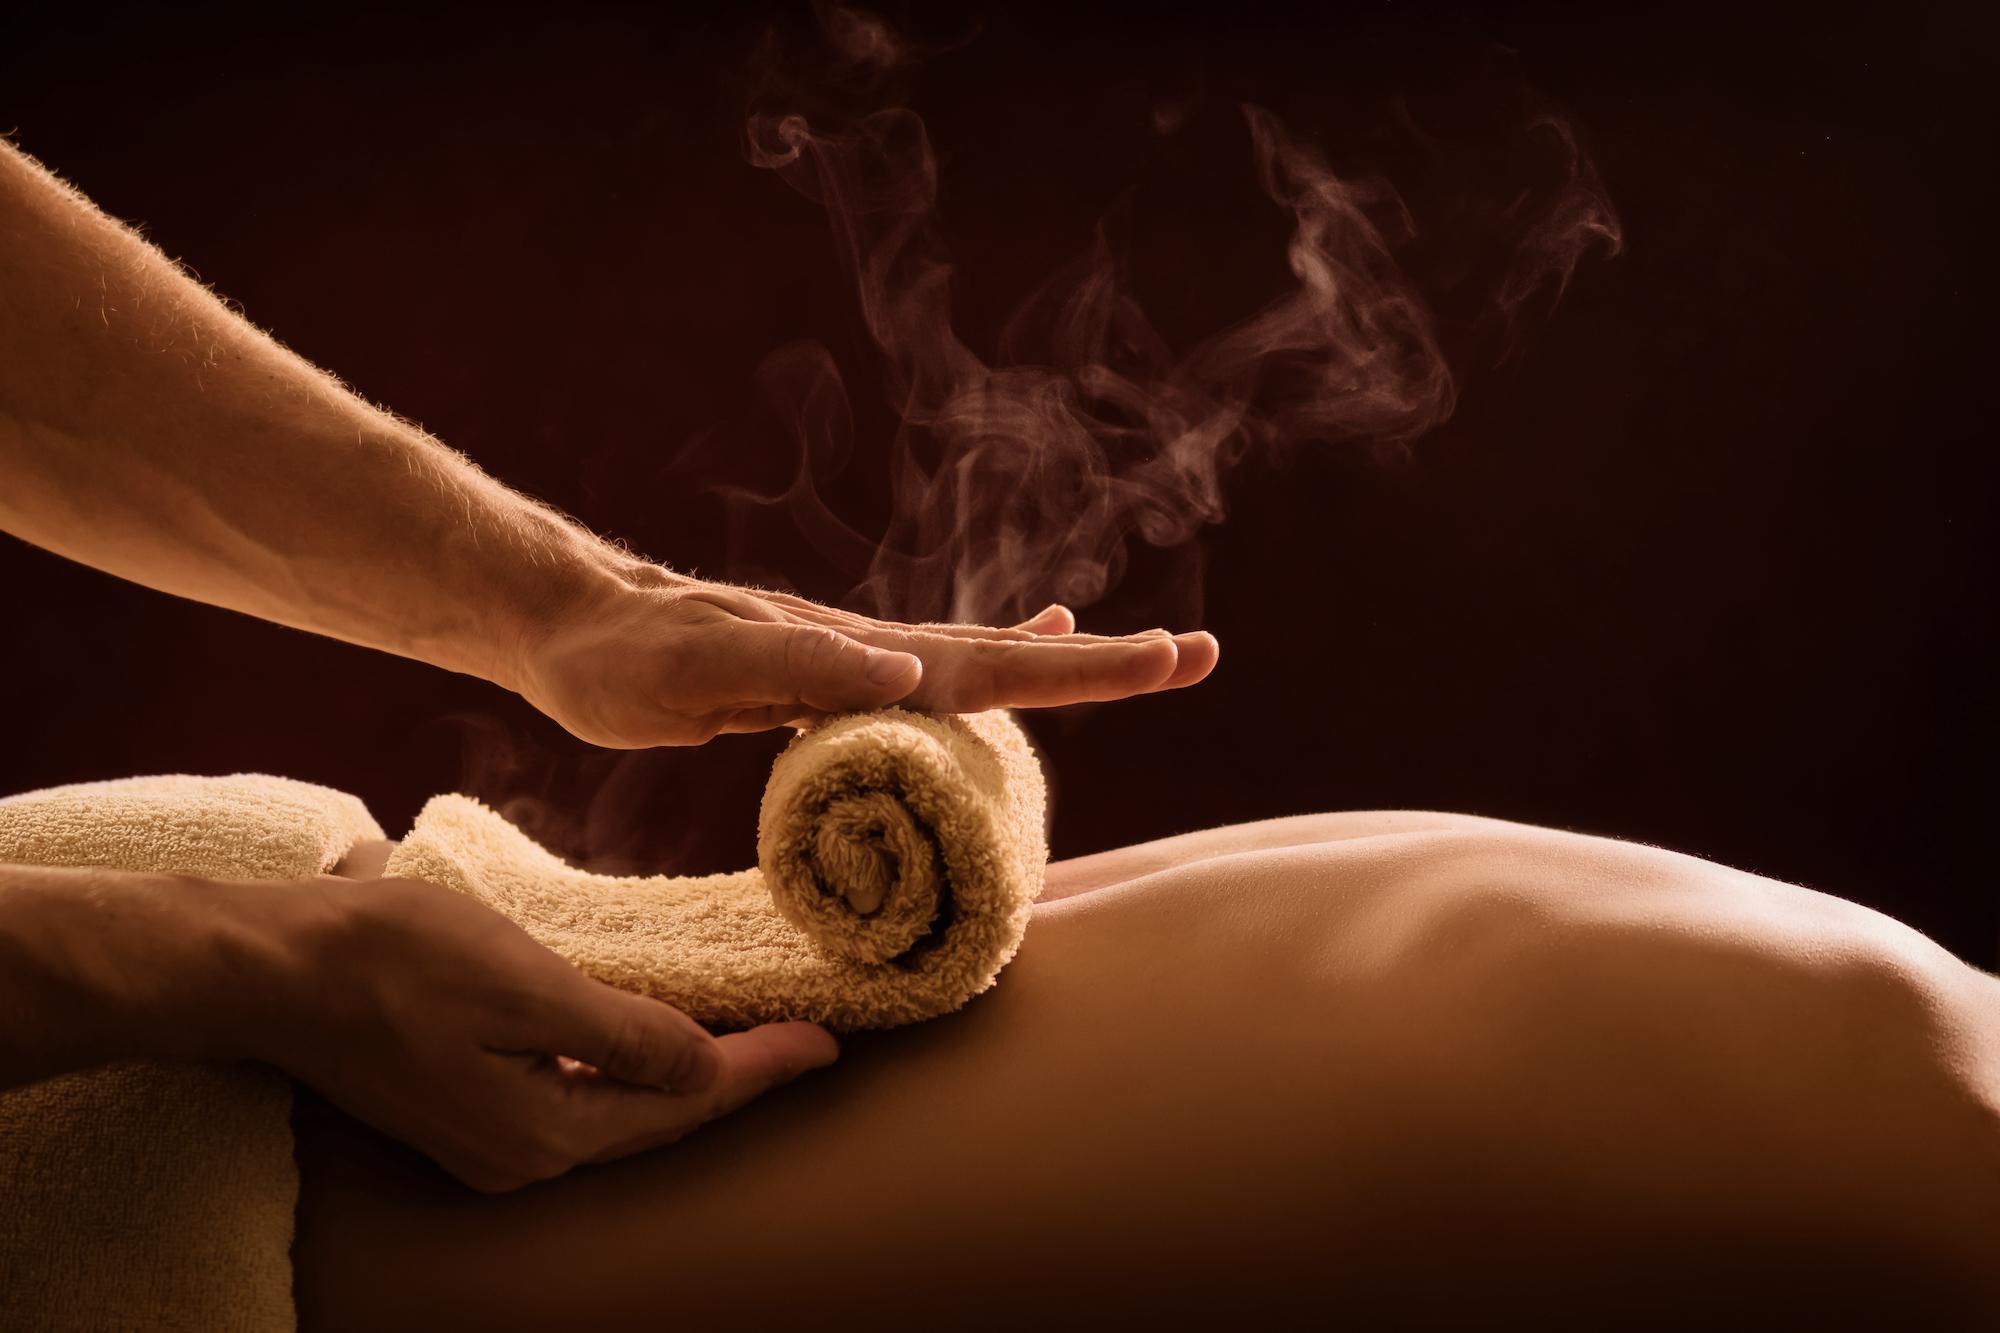 Massage Near Me- Sufii Day Spa, Orlando Florida- Spa Treatment near ME